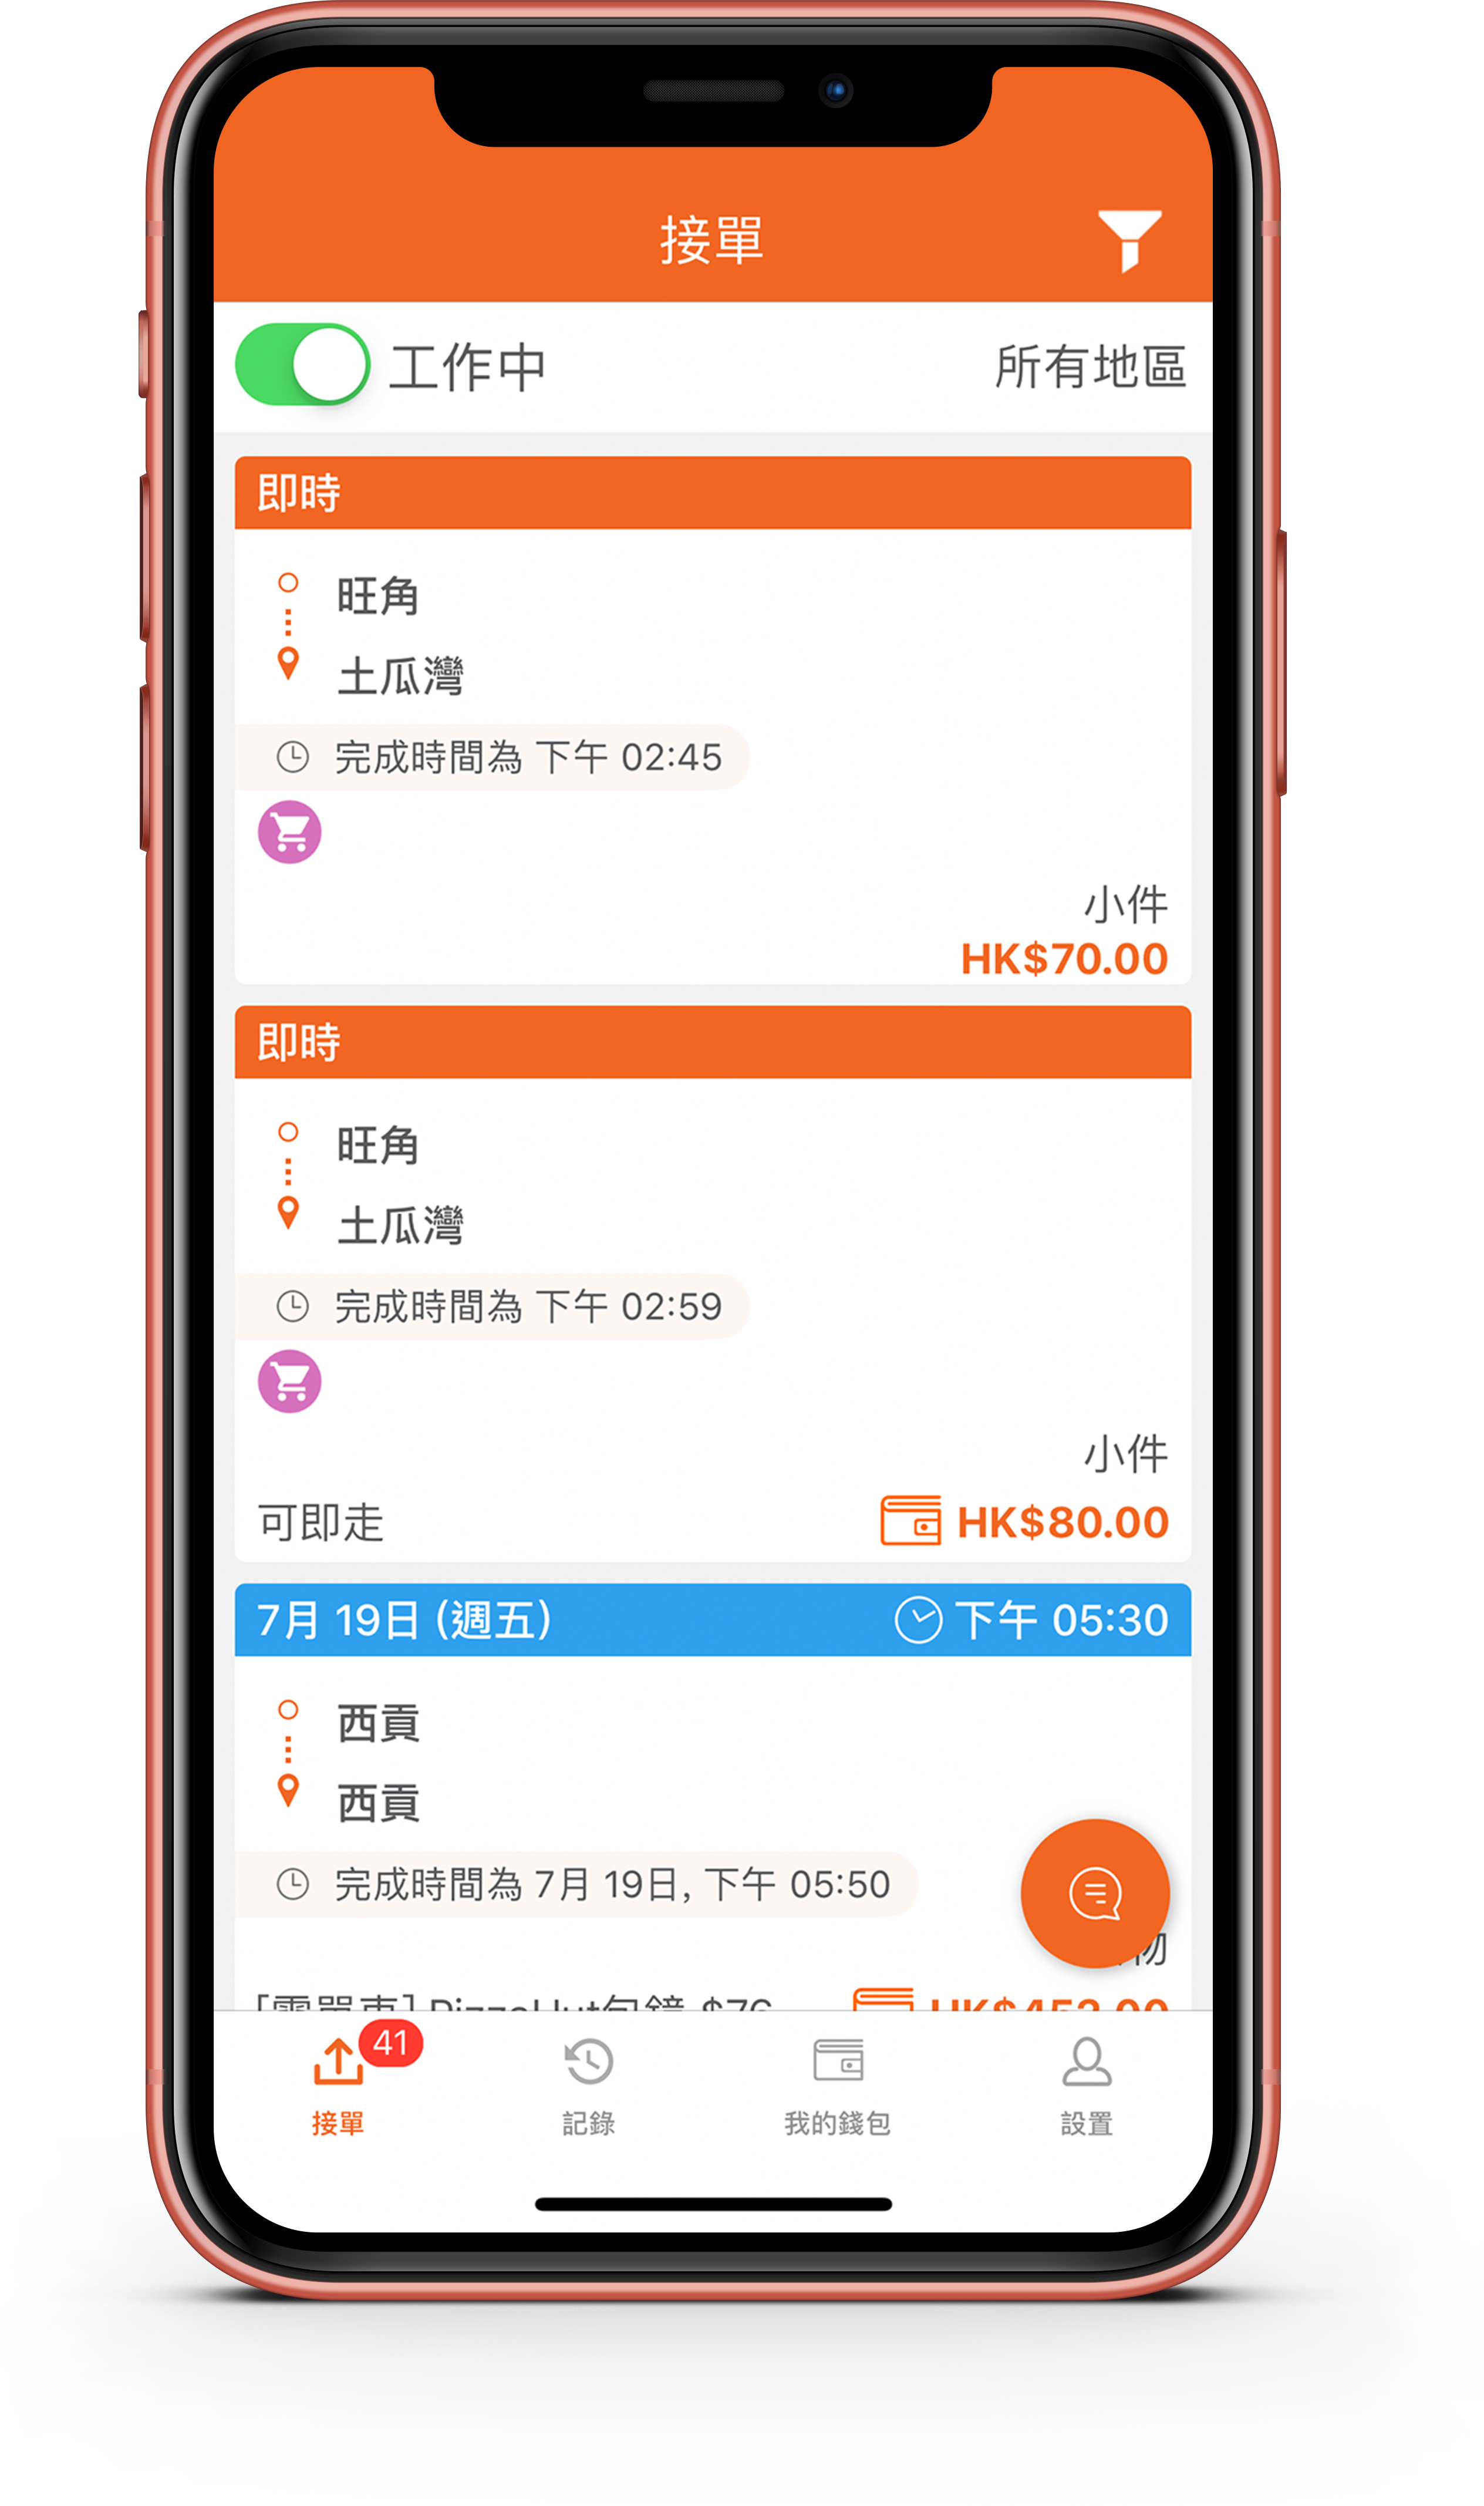 iPhoneXR_coral_mock_HKvan_20181121_driver_3_chi